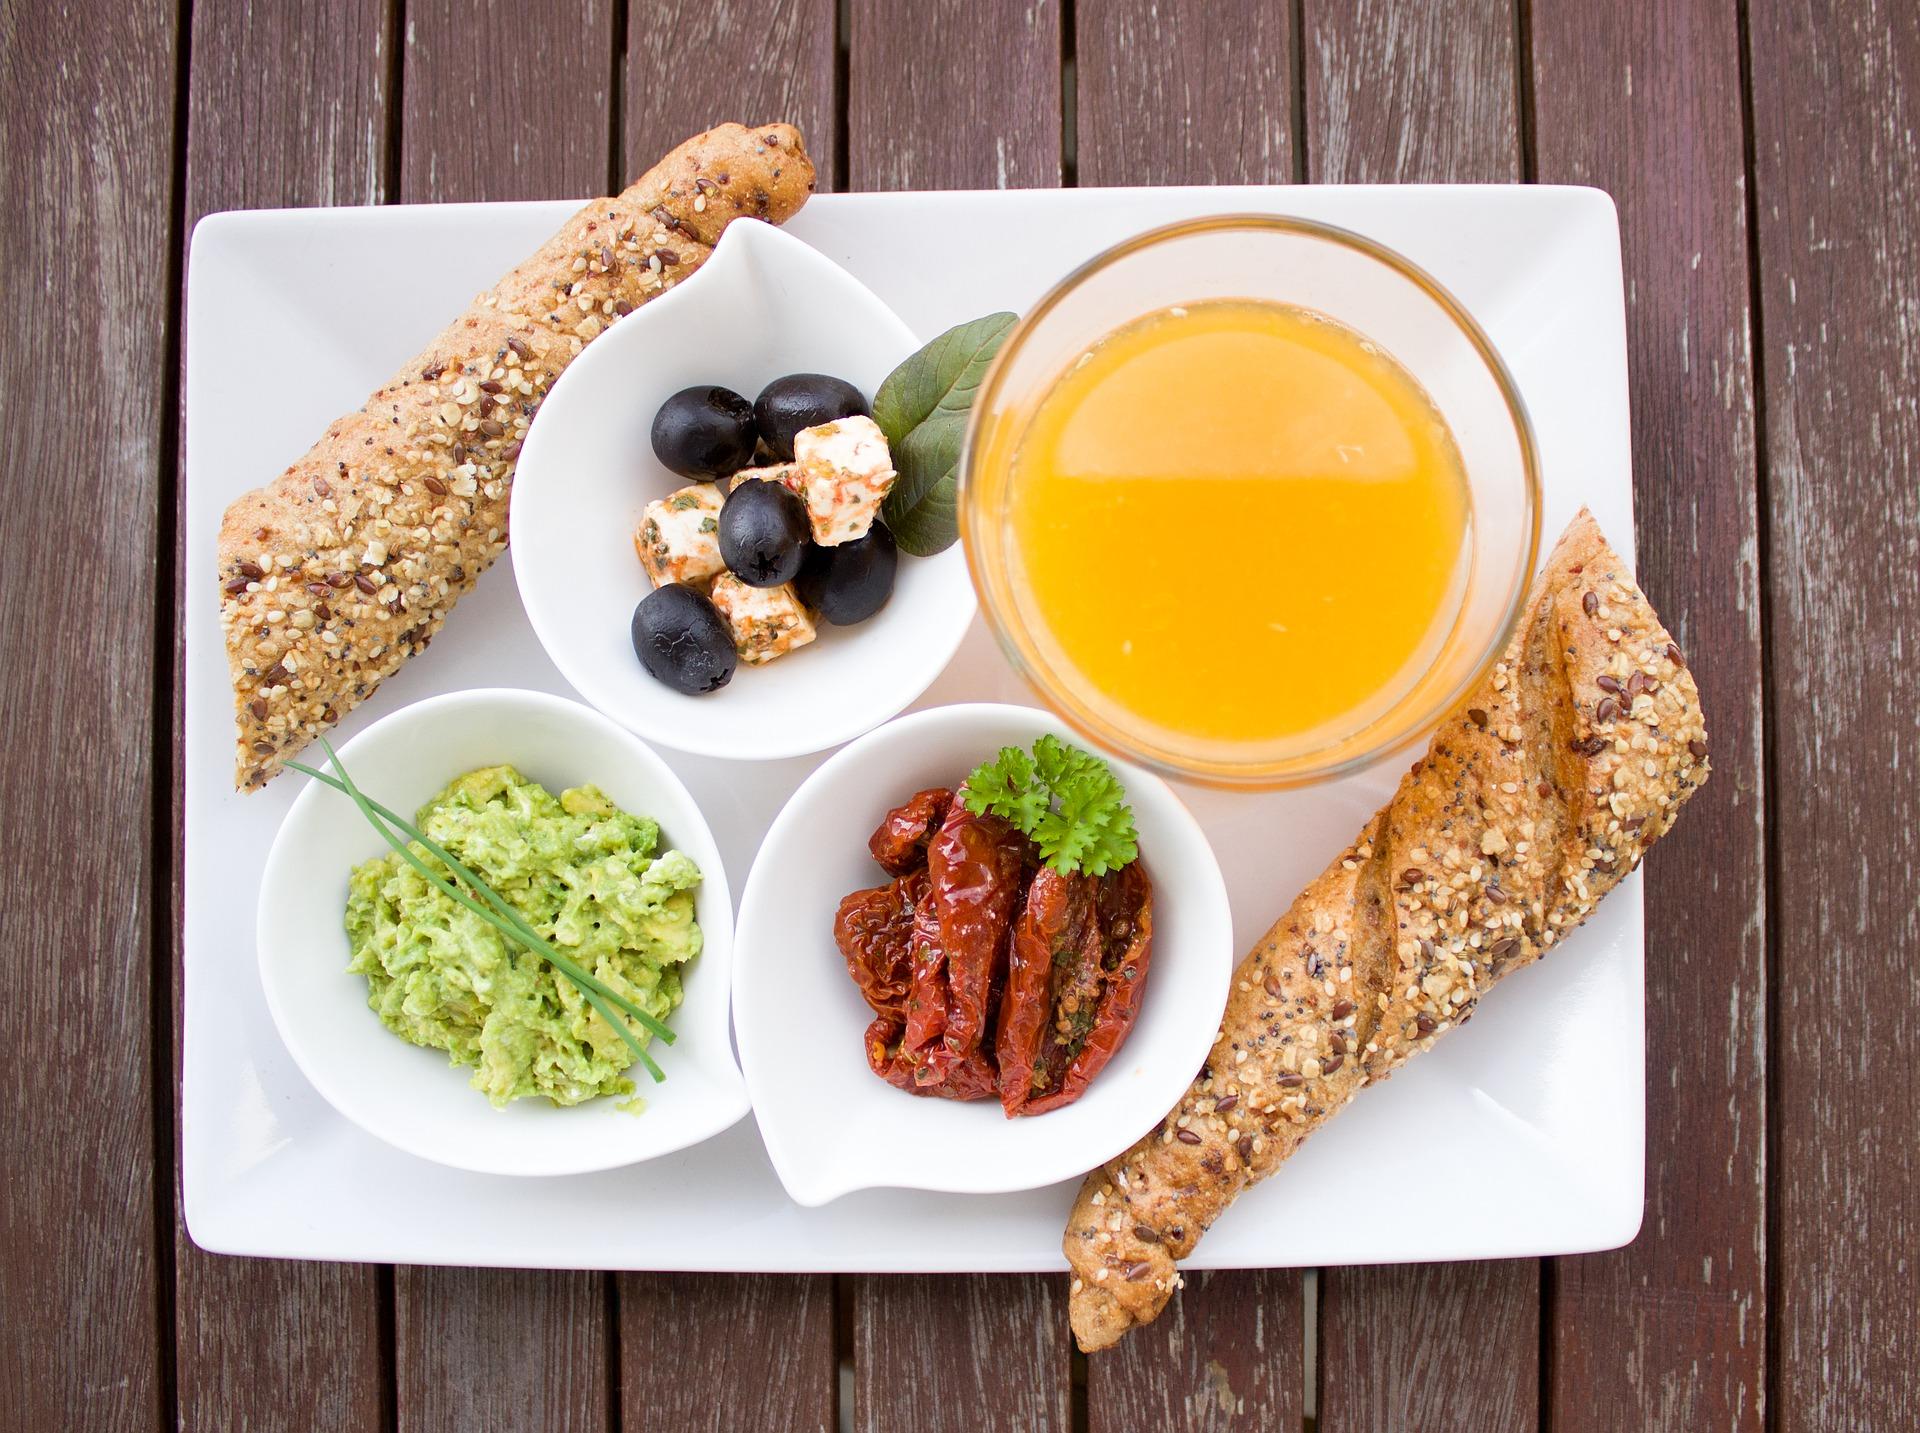 Sveikata veikliems: 4 patarimai, kaip maitintis skubant